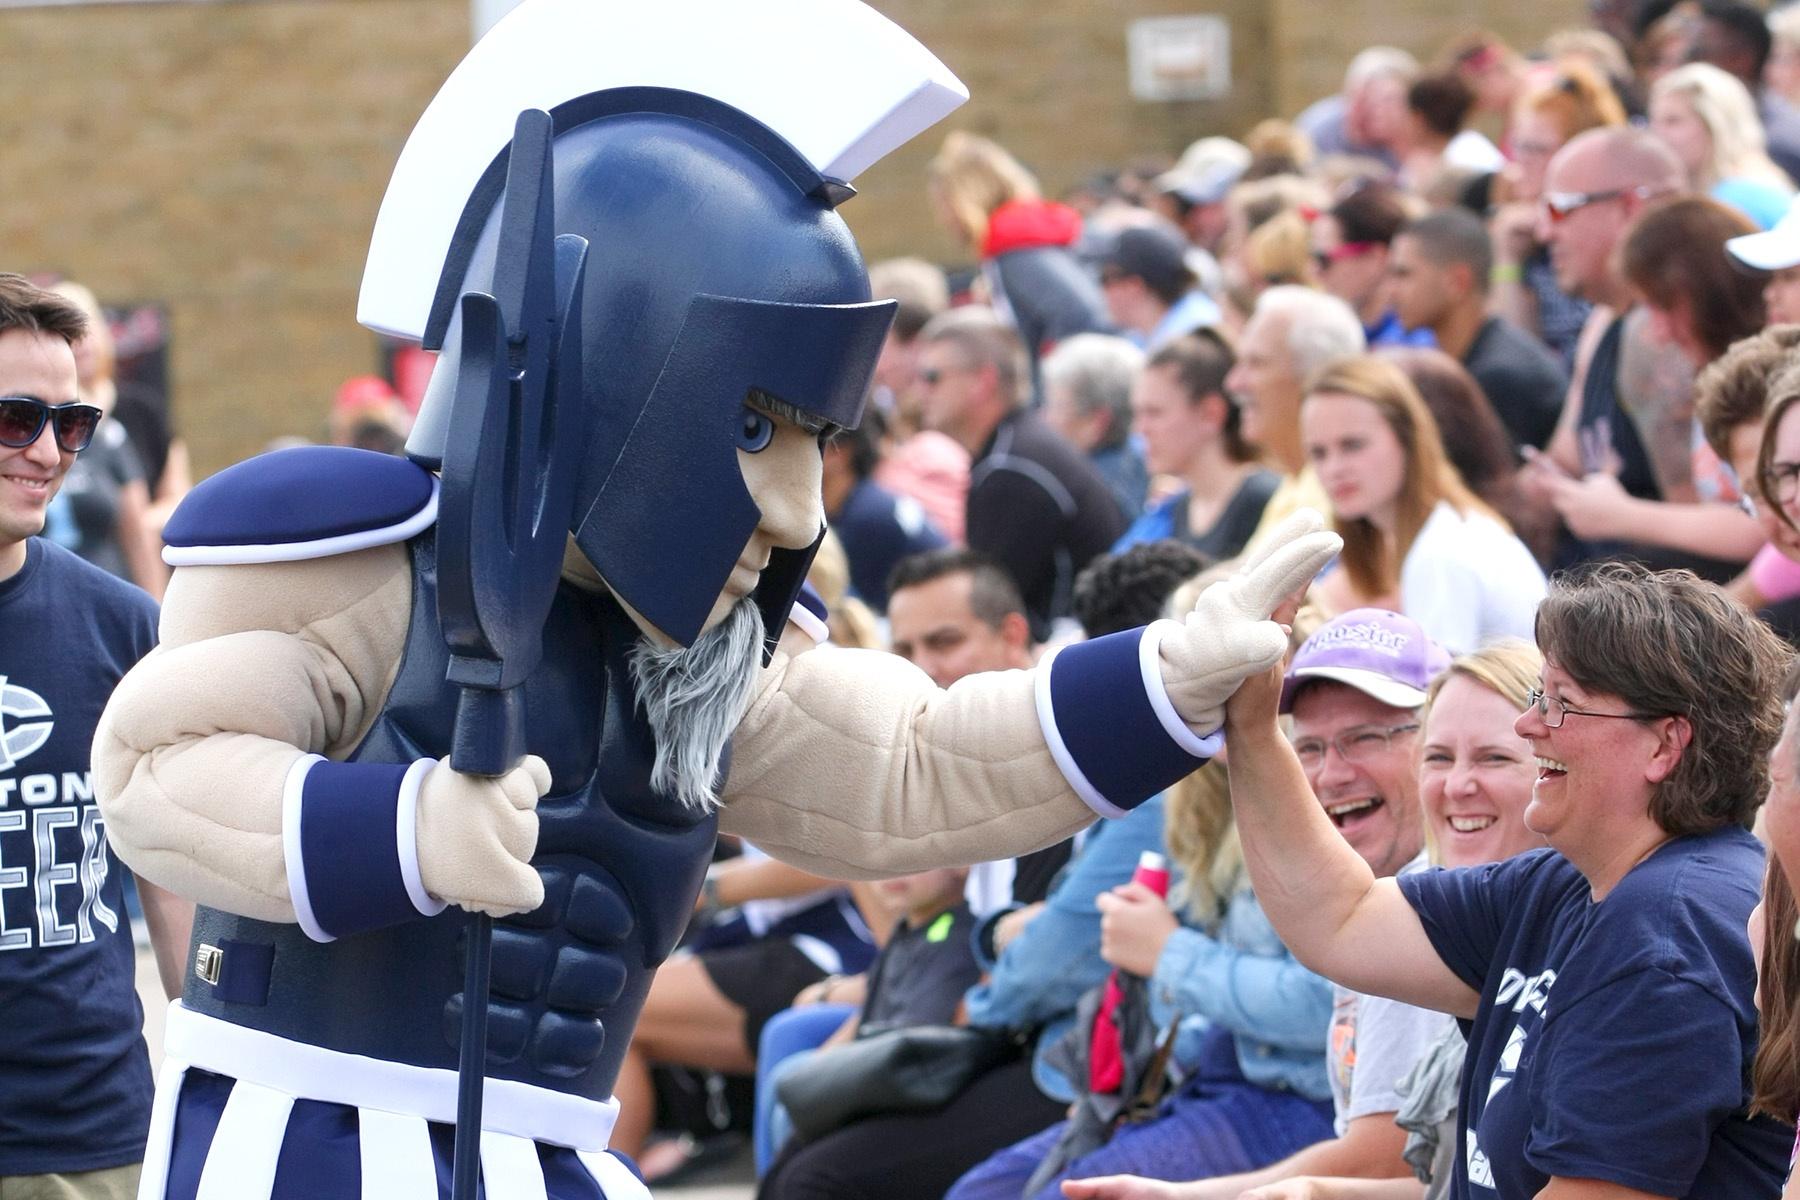 Iowa Central Community College Triton mascot high-diving a fan